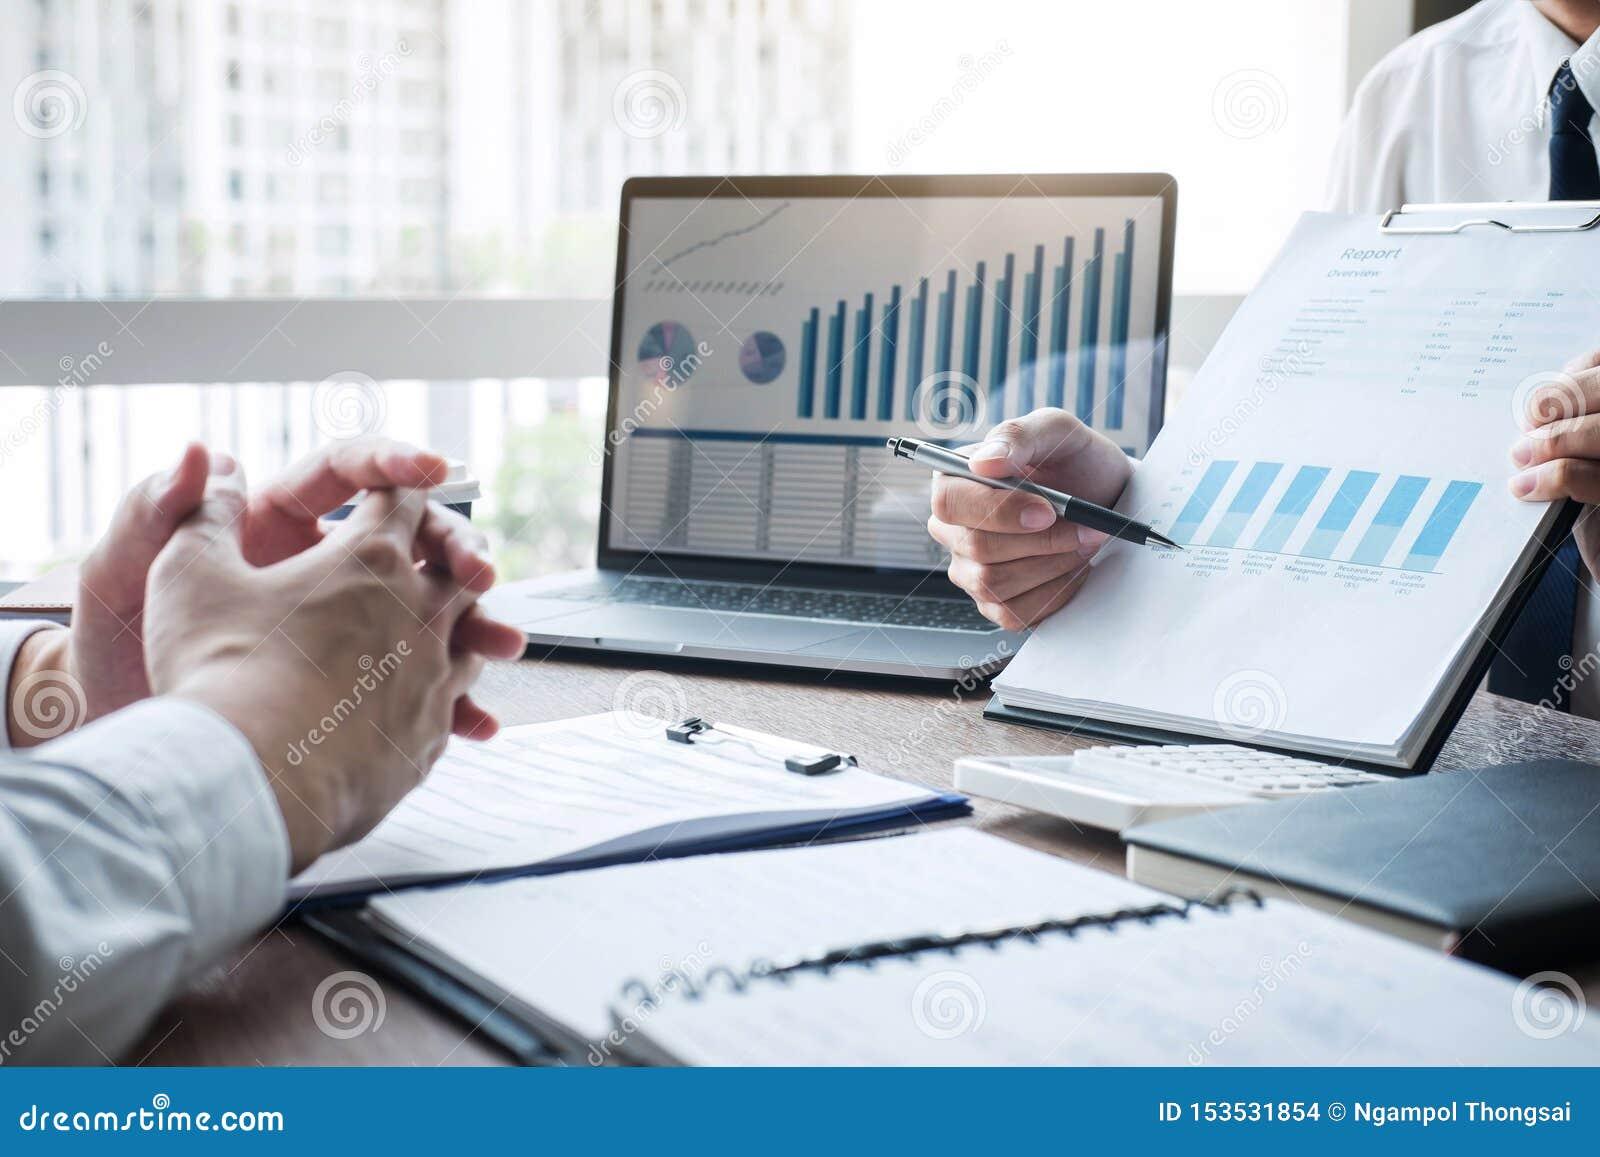 专业行政经理,商务伙伴谈论想法销售计划和投资介绍项目在会议上